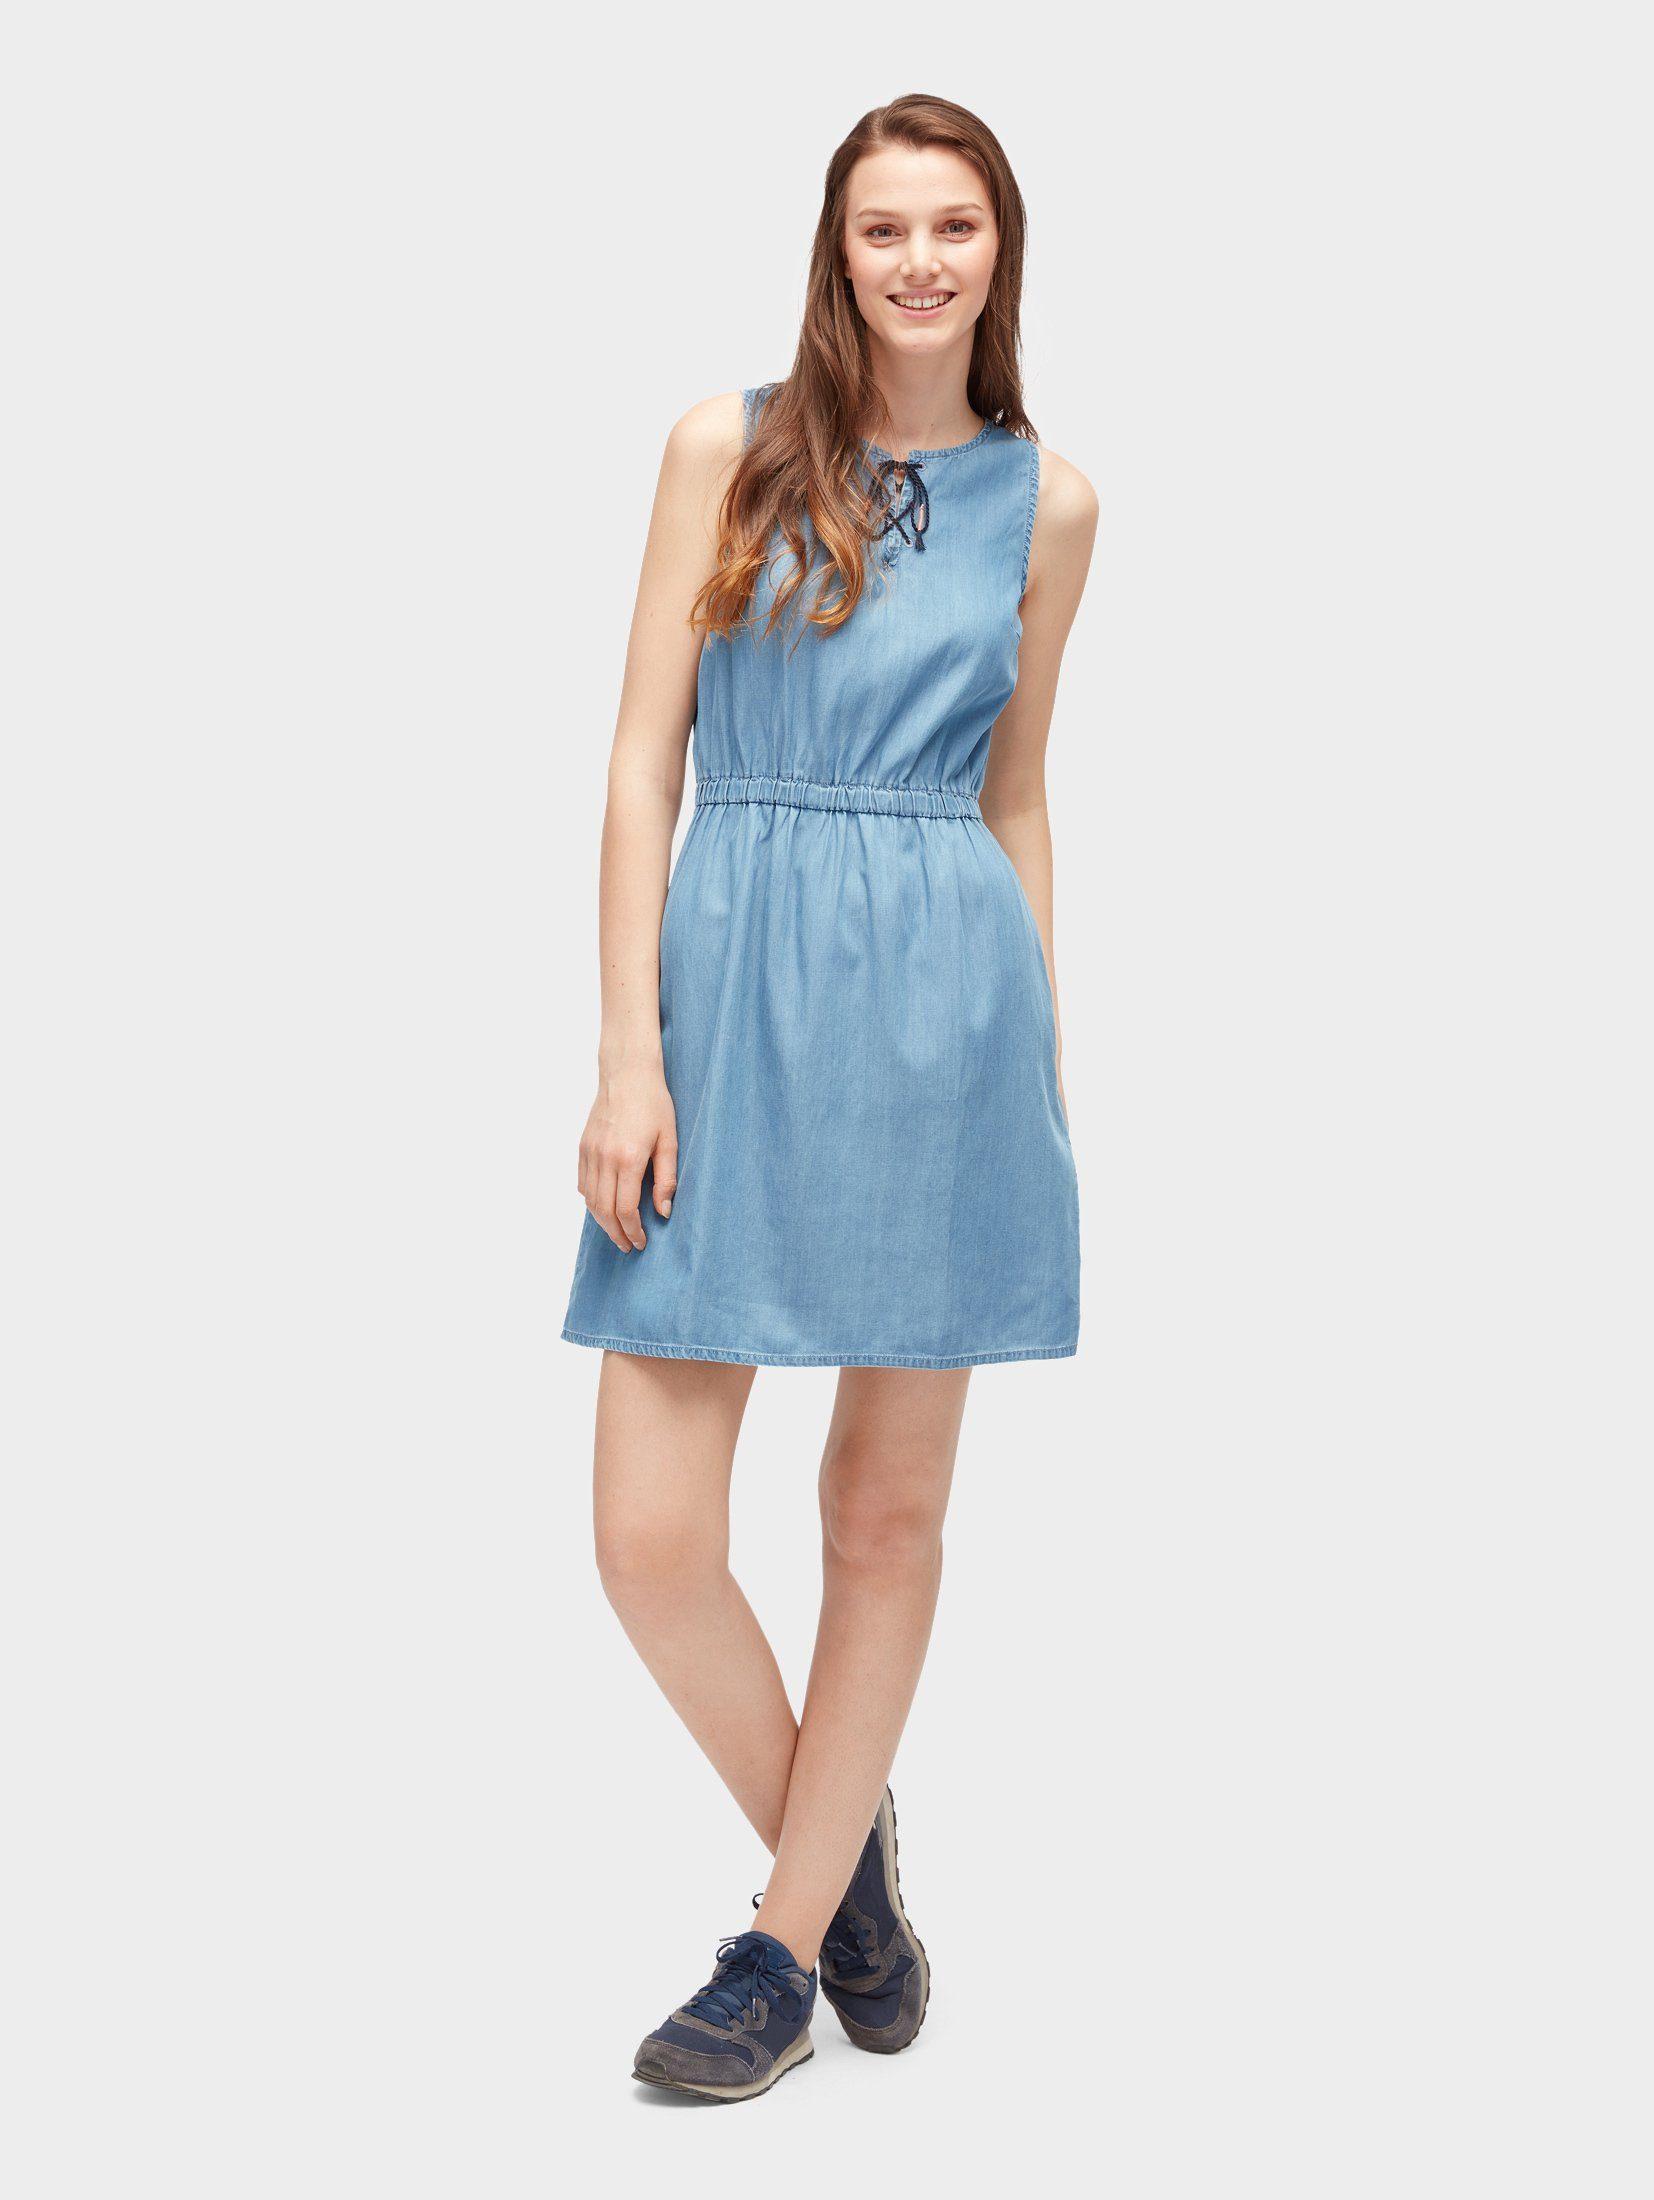 TOM TAILOR Denim Jeanskleid »Kleid mit Schnürung am Ausschnitt«